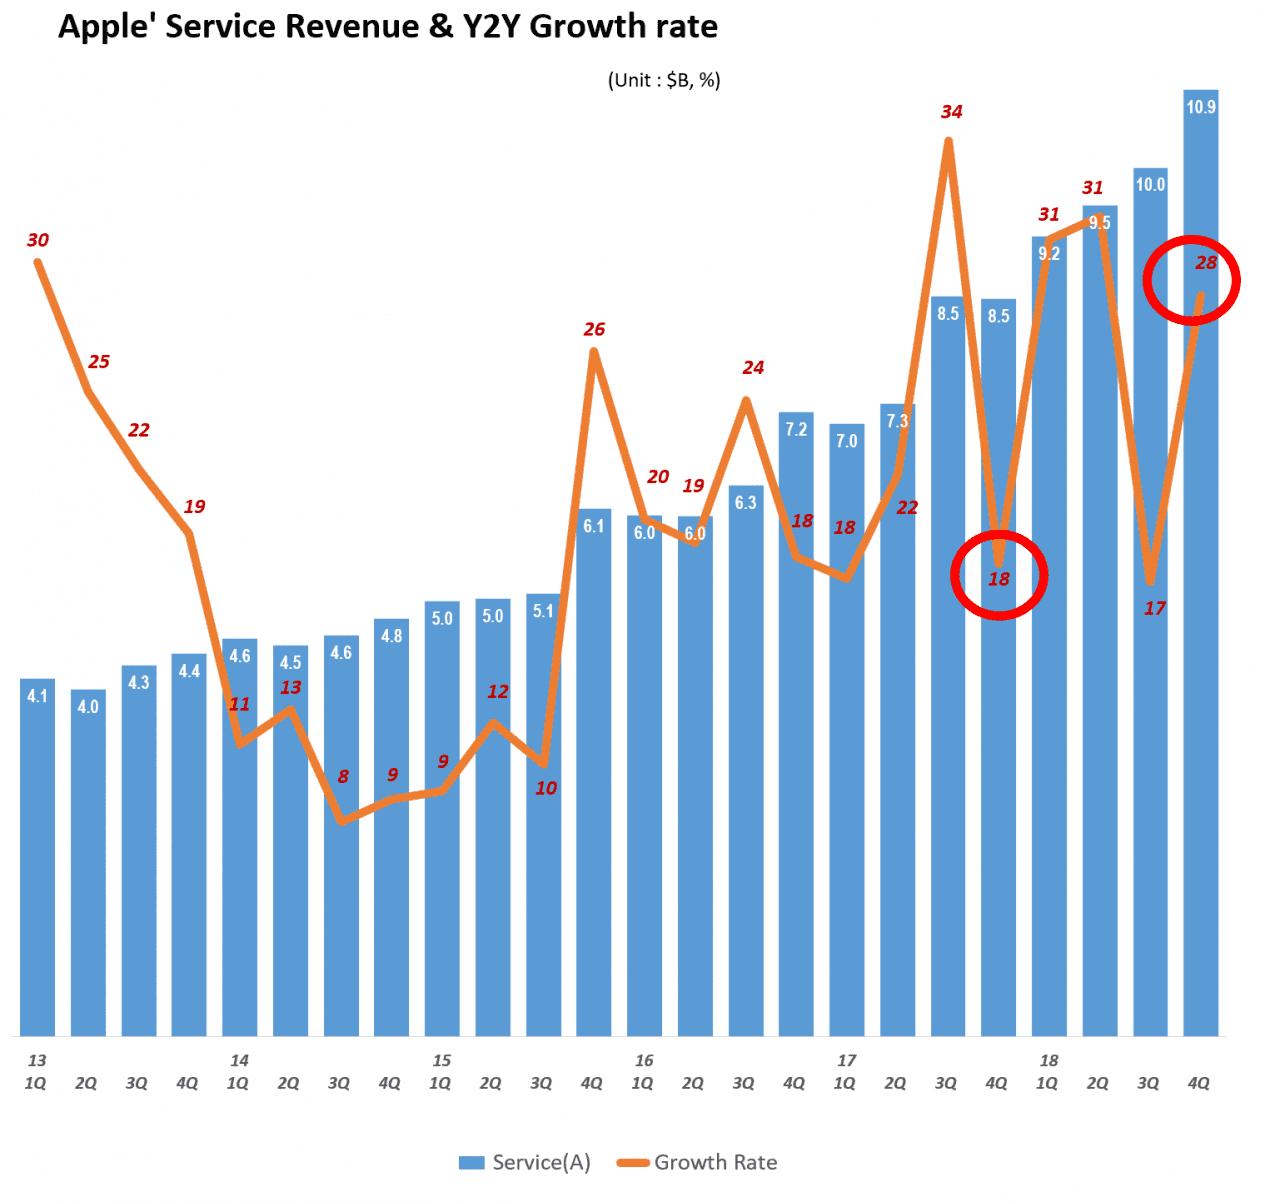 분기별 애플 서비스 비지니스 매출 및 전년 비 성장율(2013년 1분기~2018년 4분기) Quarterly Apple' Service Revenue & Y2Y Growth rate, Graph by Happist